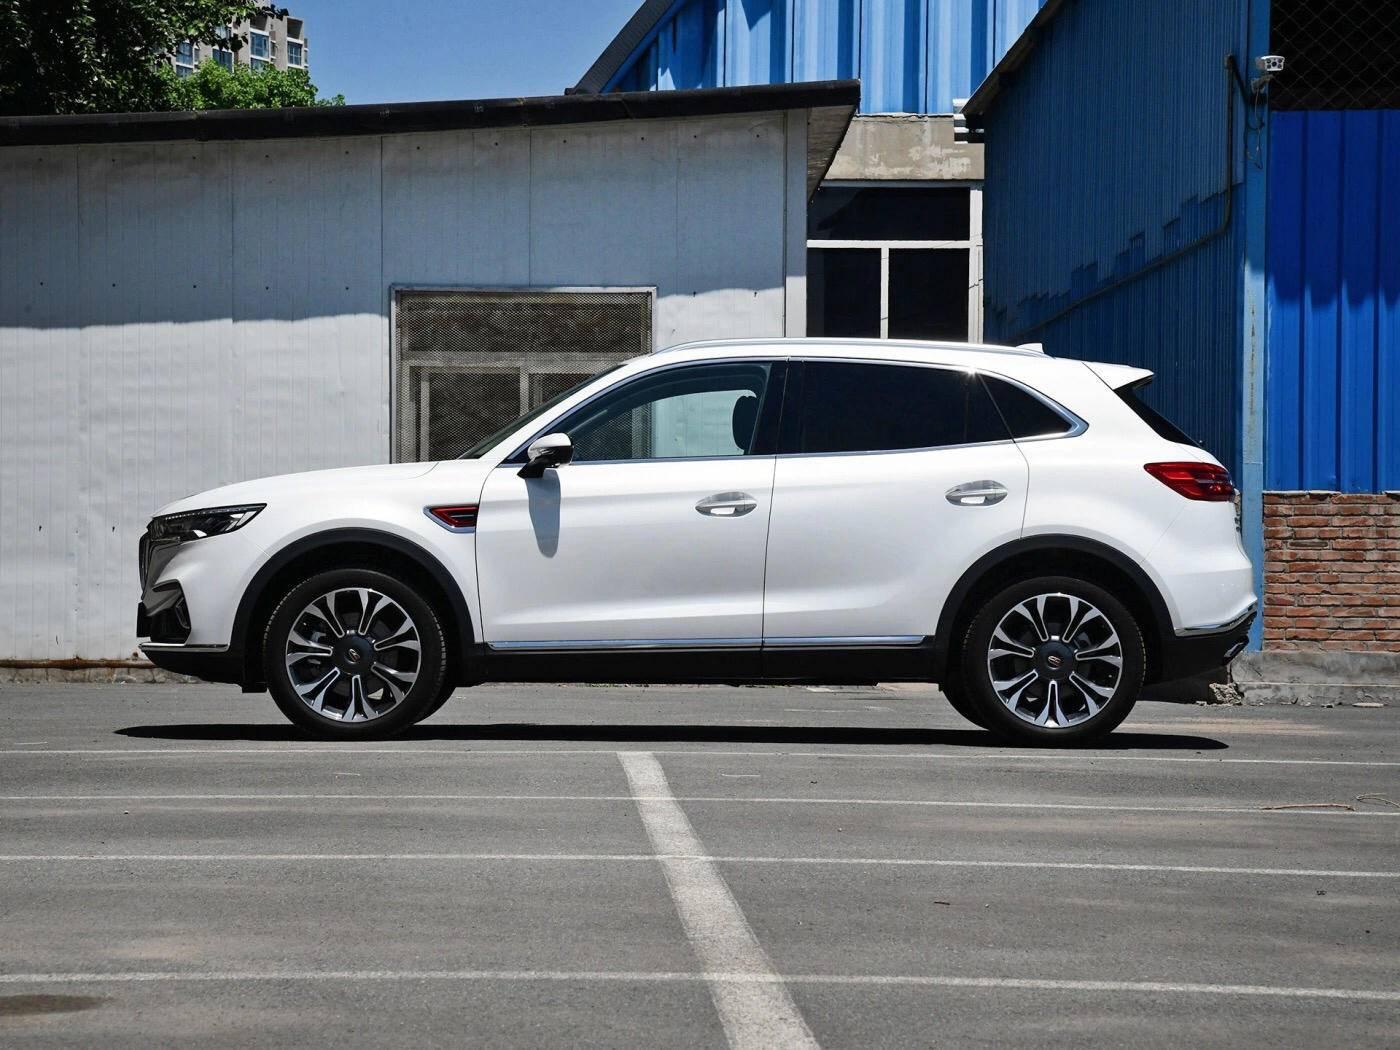 7月不好过,长城销量刚破6万,仅一款车型破万,吉利依旧是第一